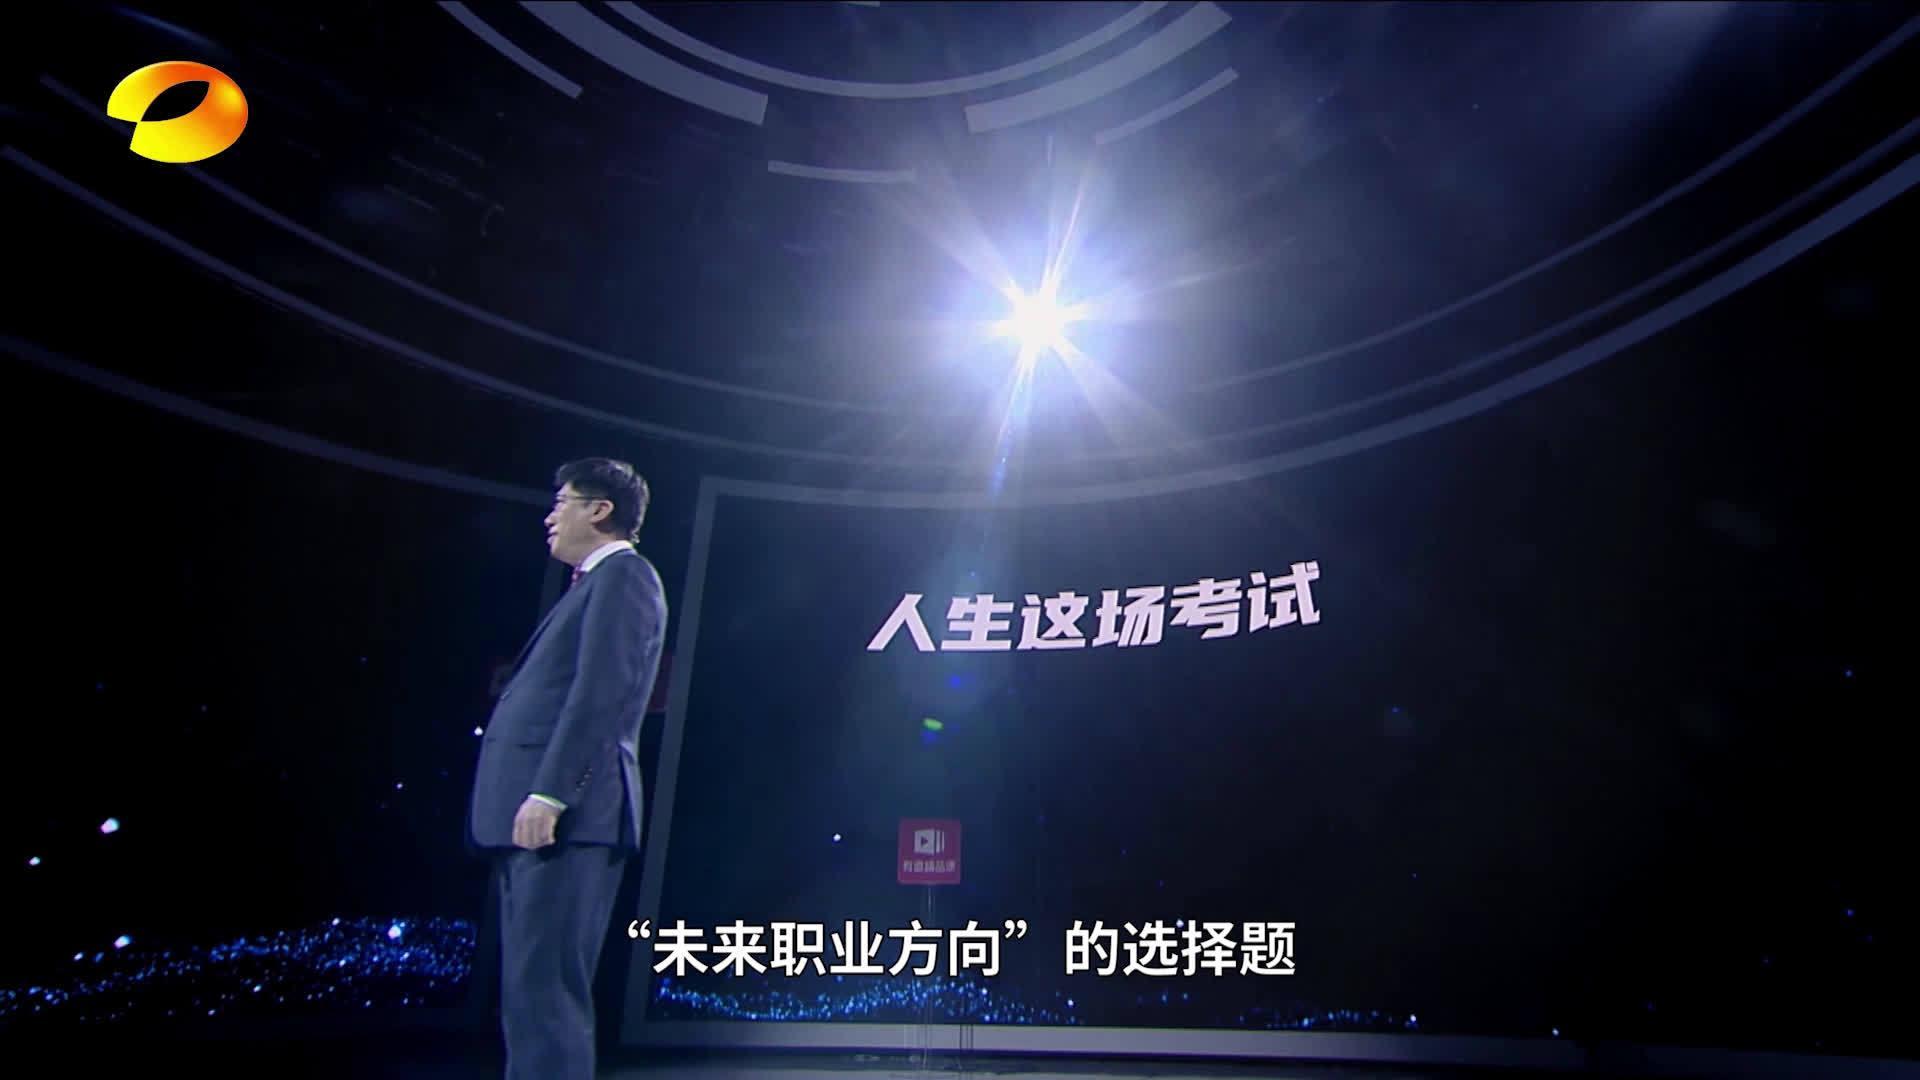 冠名的湖南卫视知识分享类综艺《叮咚上线!老师好》……